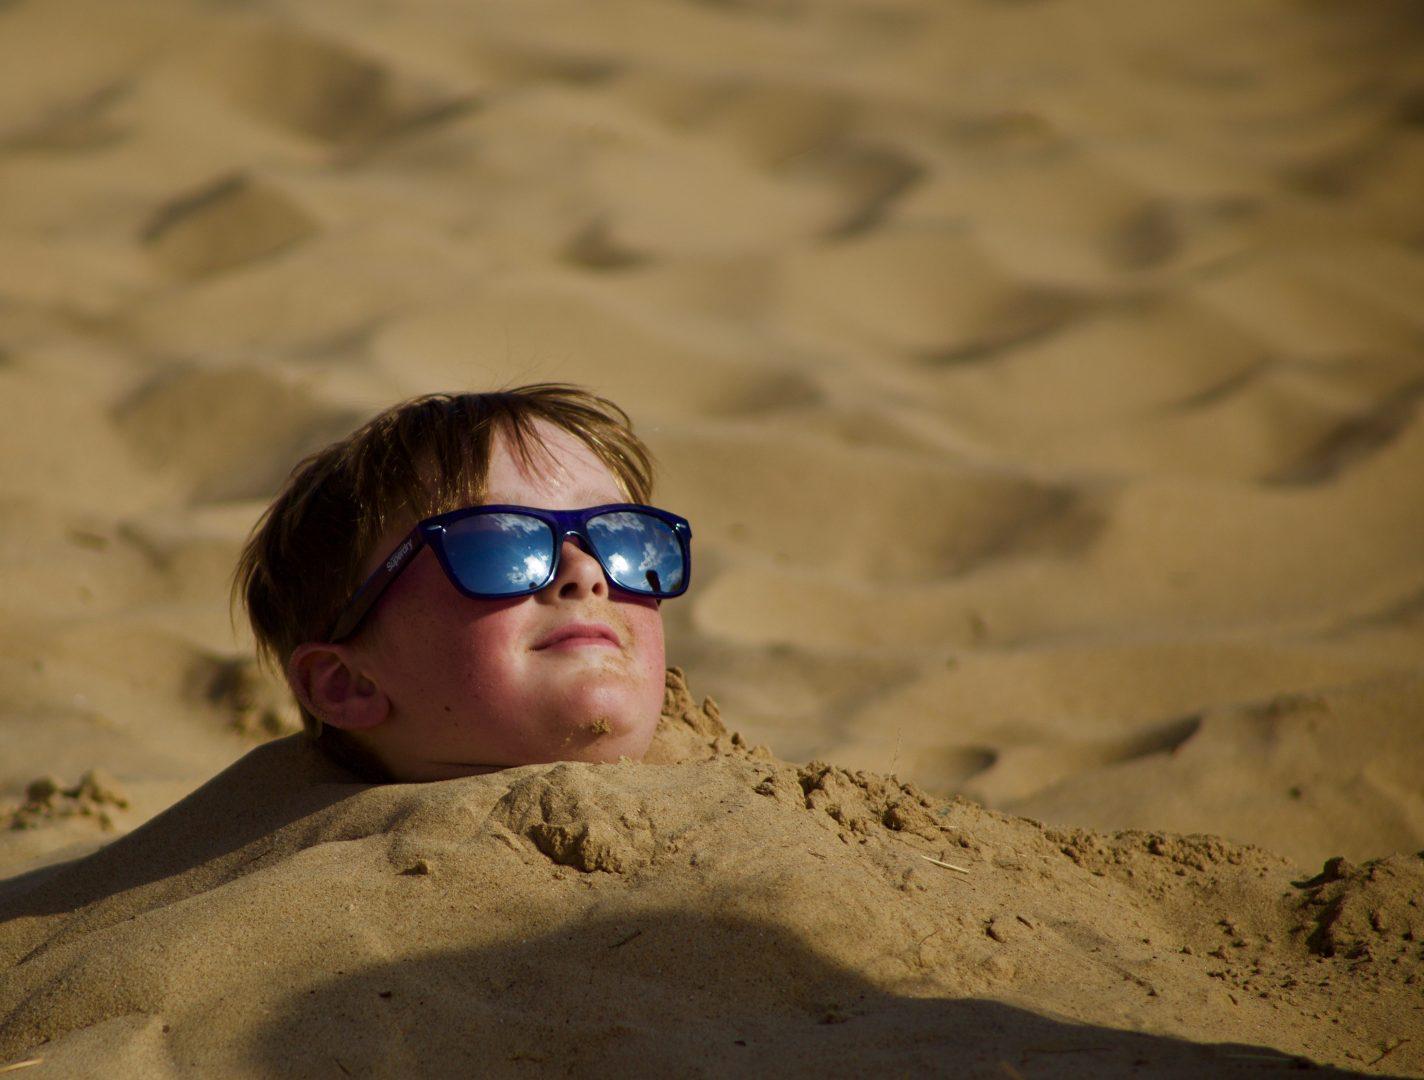 boy beach sand fun